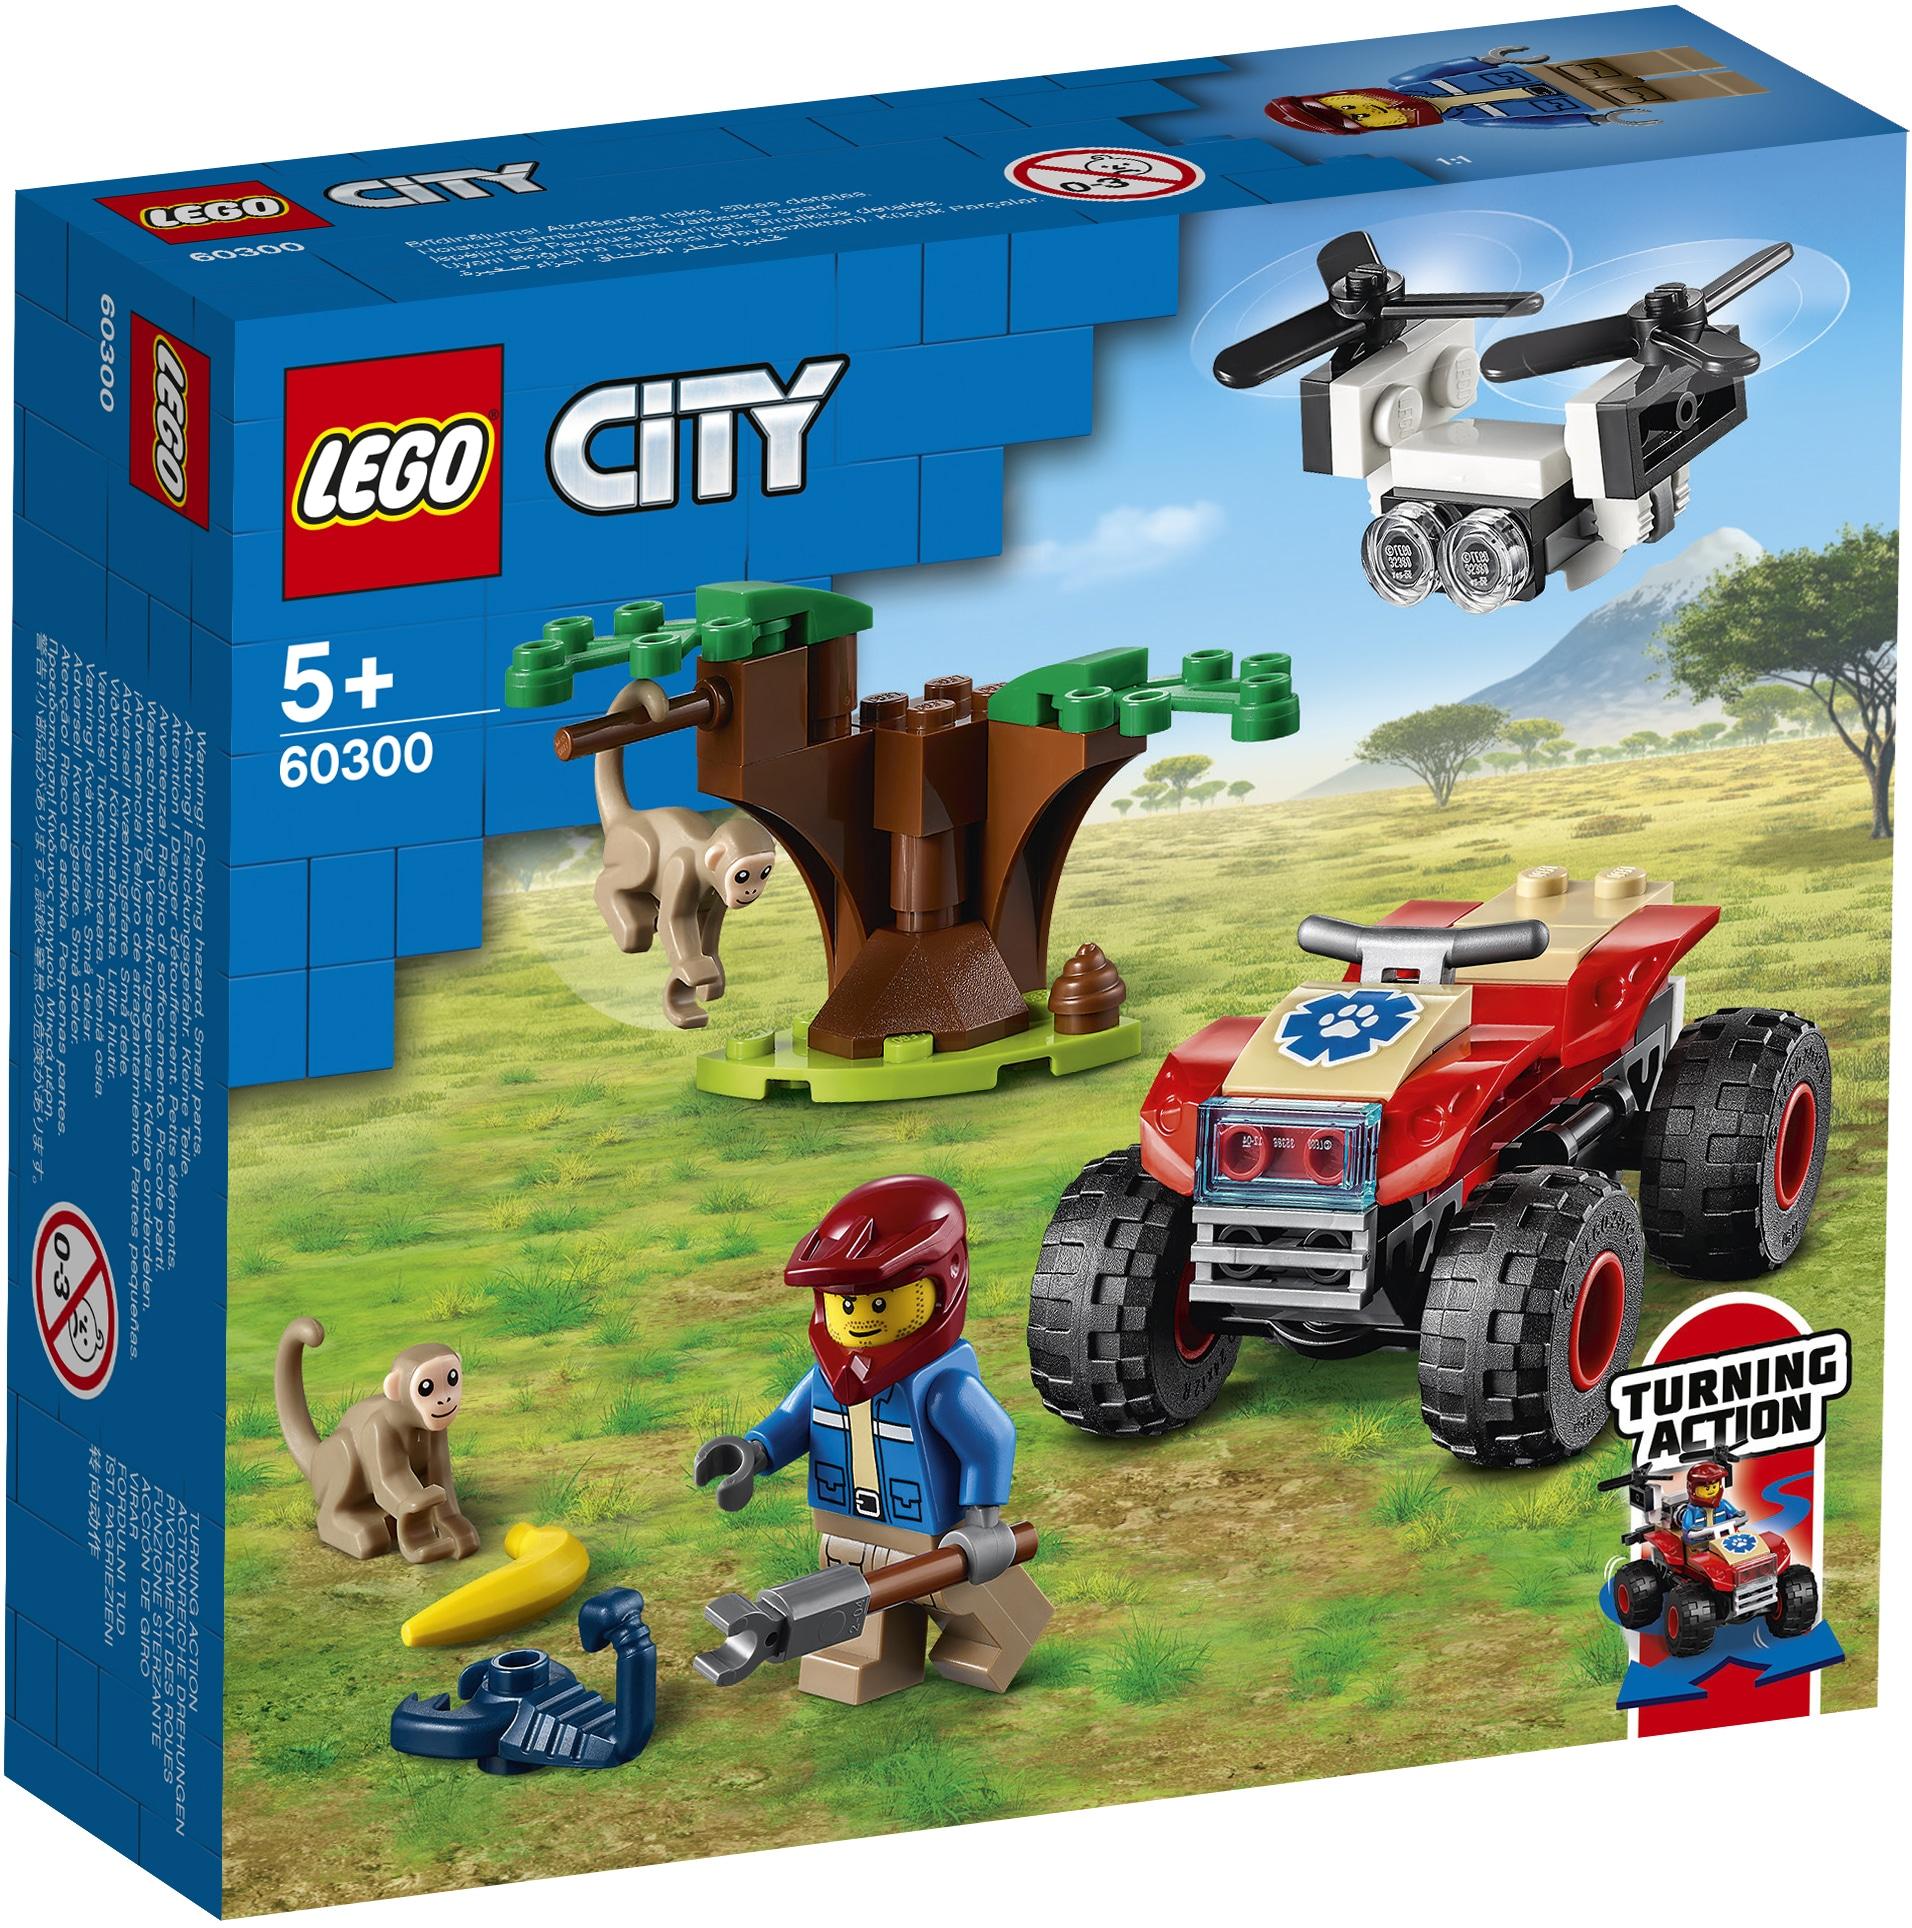 LEGO City 60300